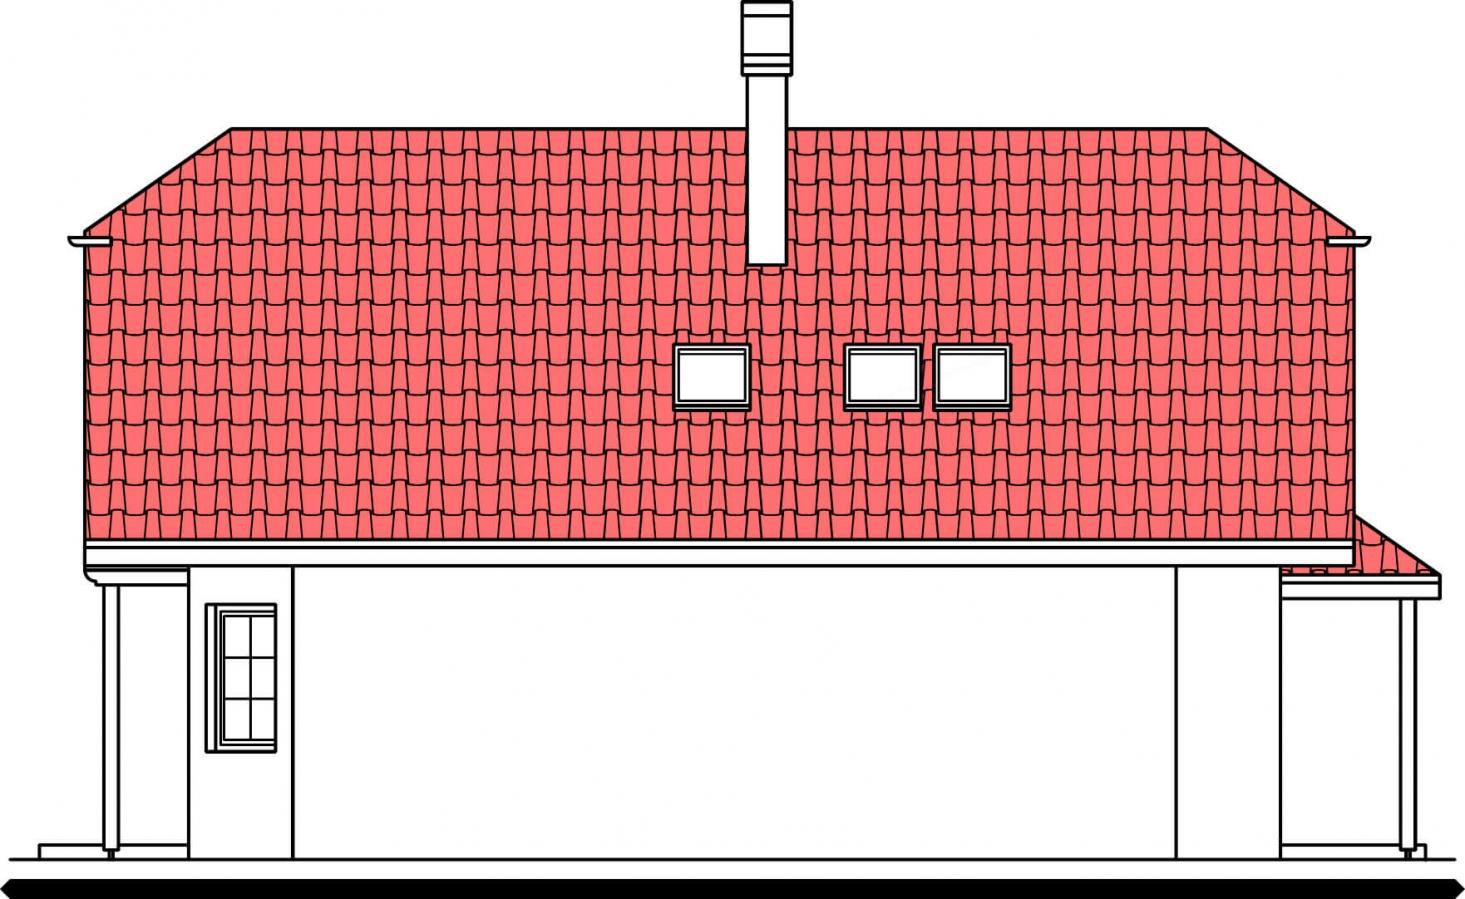 Pohľad 4. - Klasický rodinný dom so suterénom a izbou na prízemí.